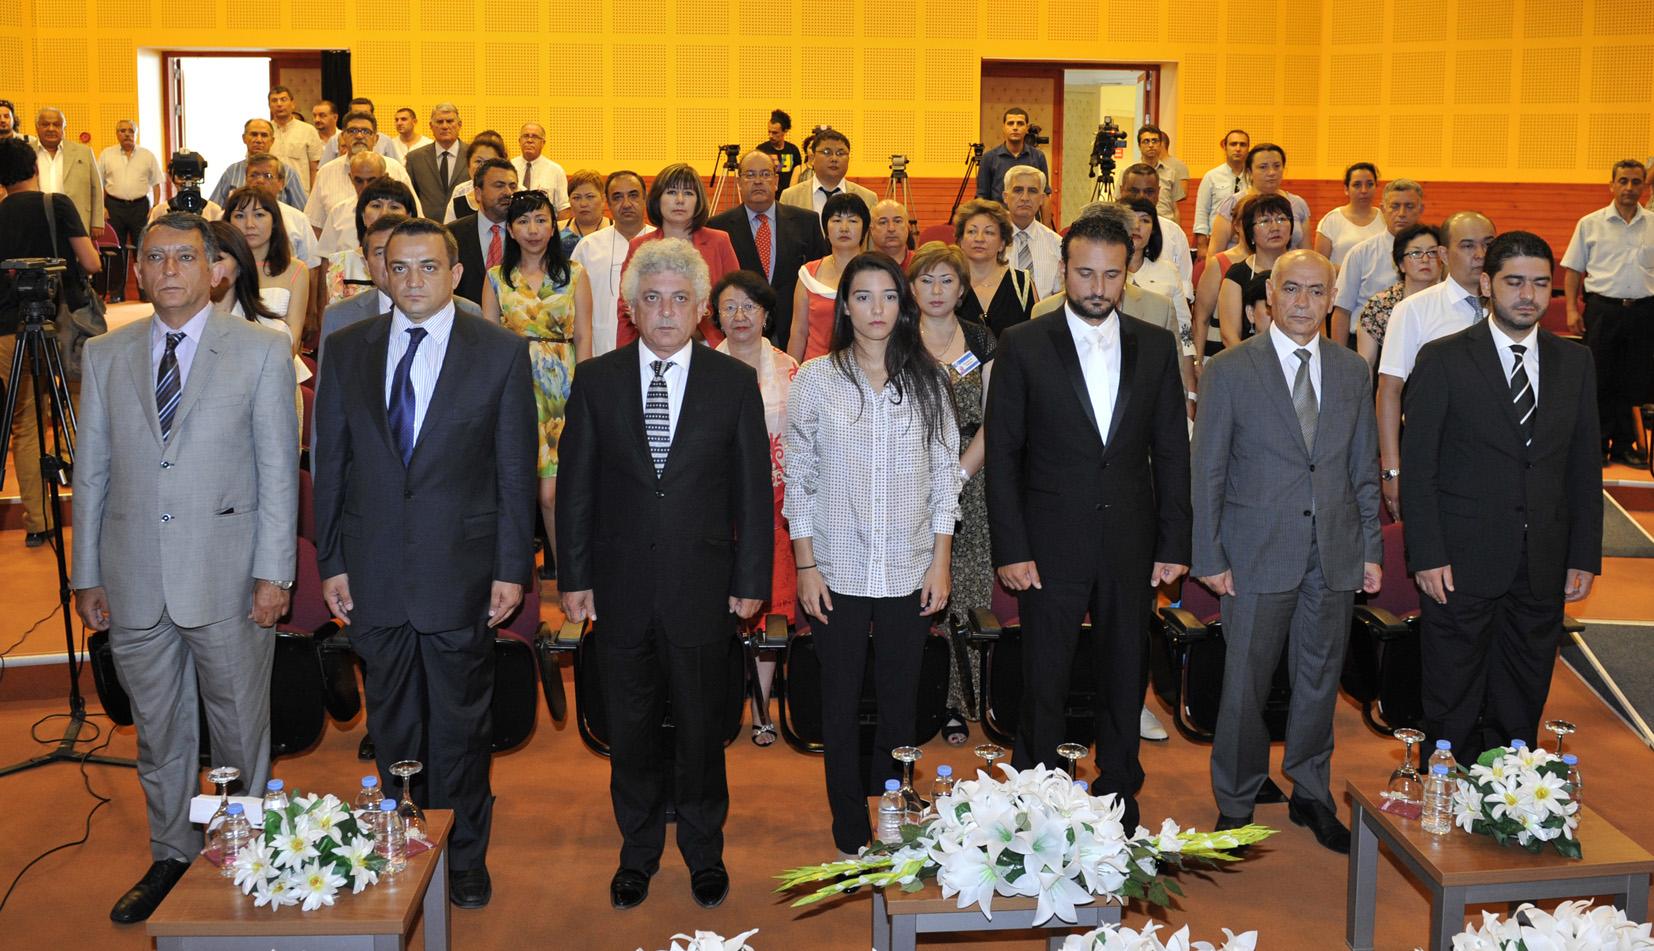 YDÜ, KAZAKİSTAN'DA BULUNAN 16 ÜNİVERSİTEYLE İŞBİRLİĞİ PROTOKOLÜ İMZALADI